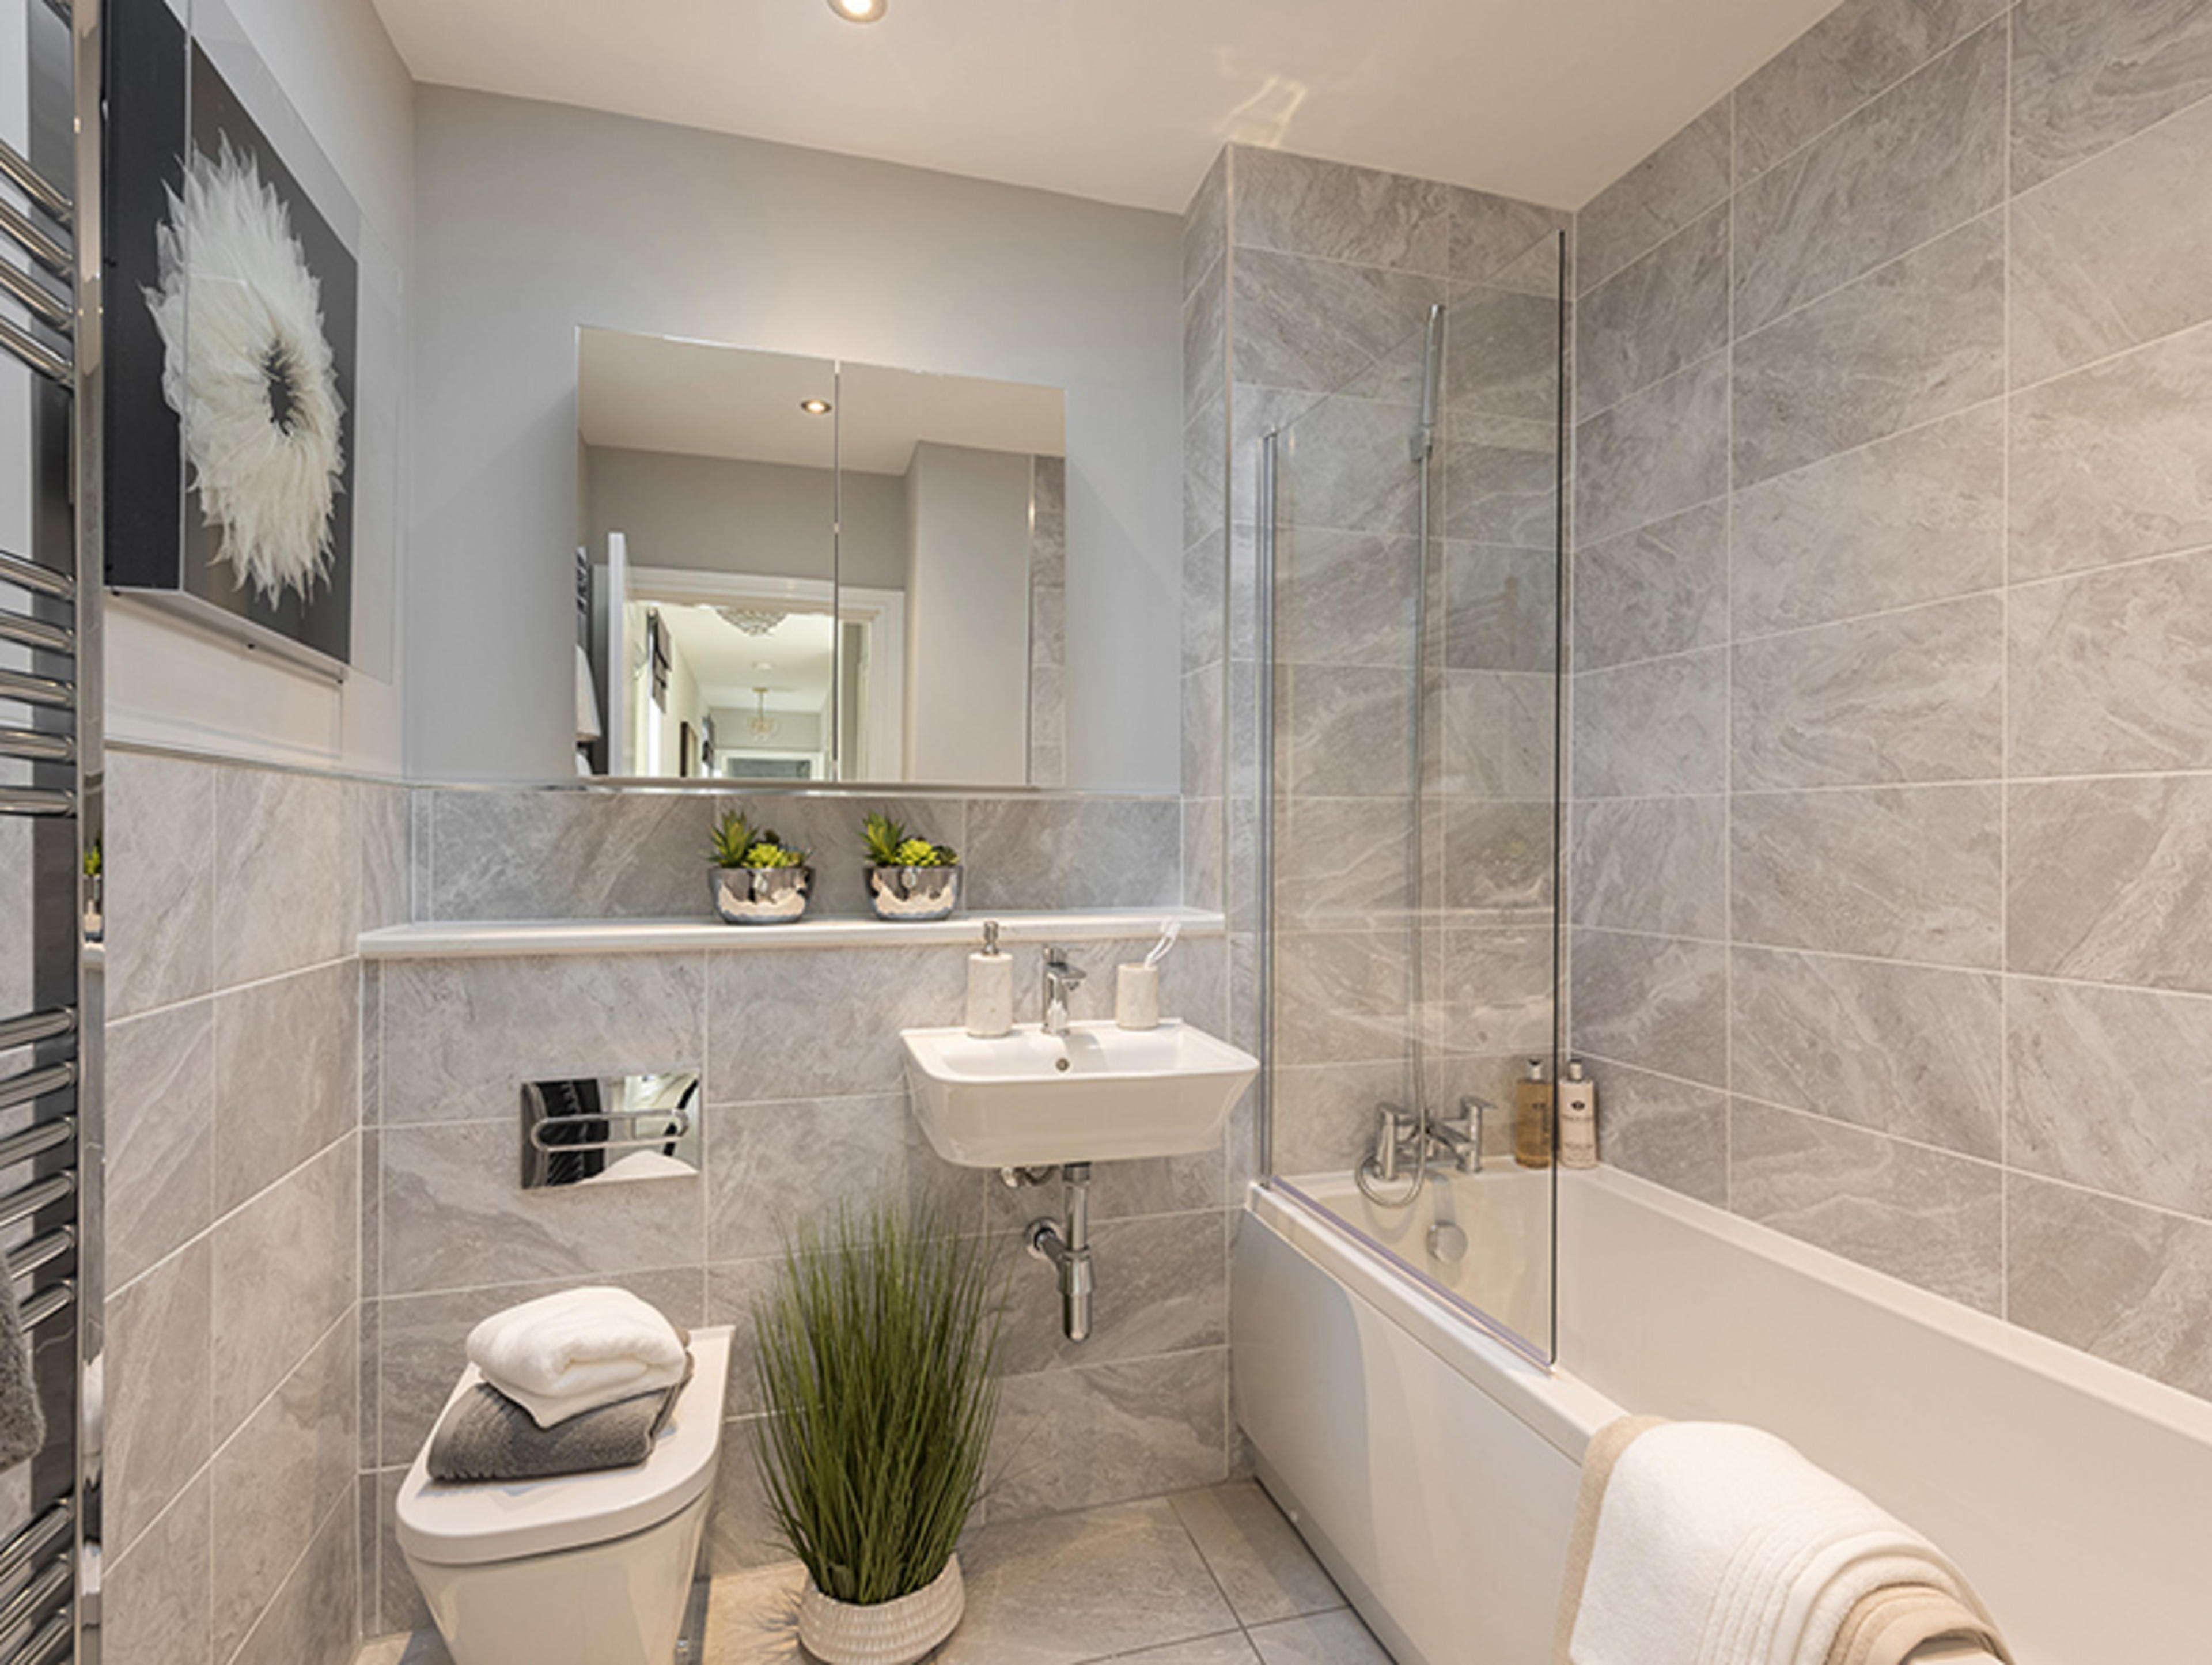 watling-grange-harrogate-merevale-4-bed-home-bathroom-1